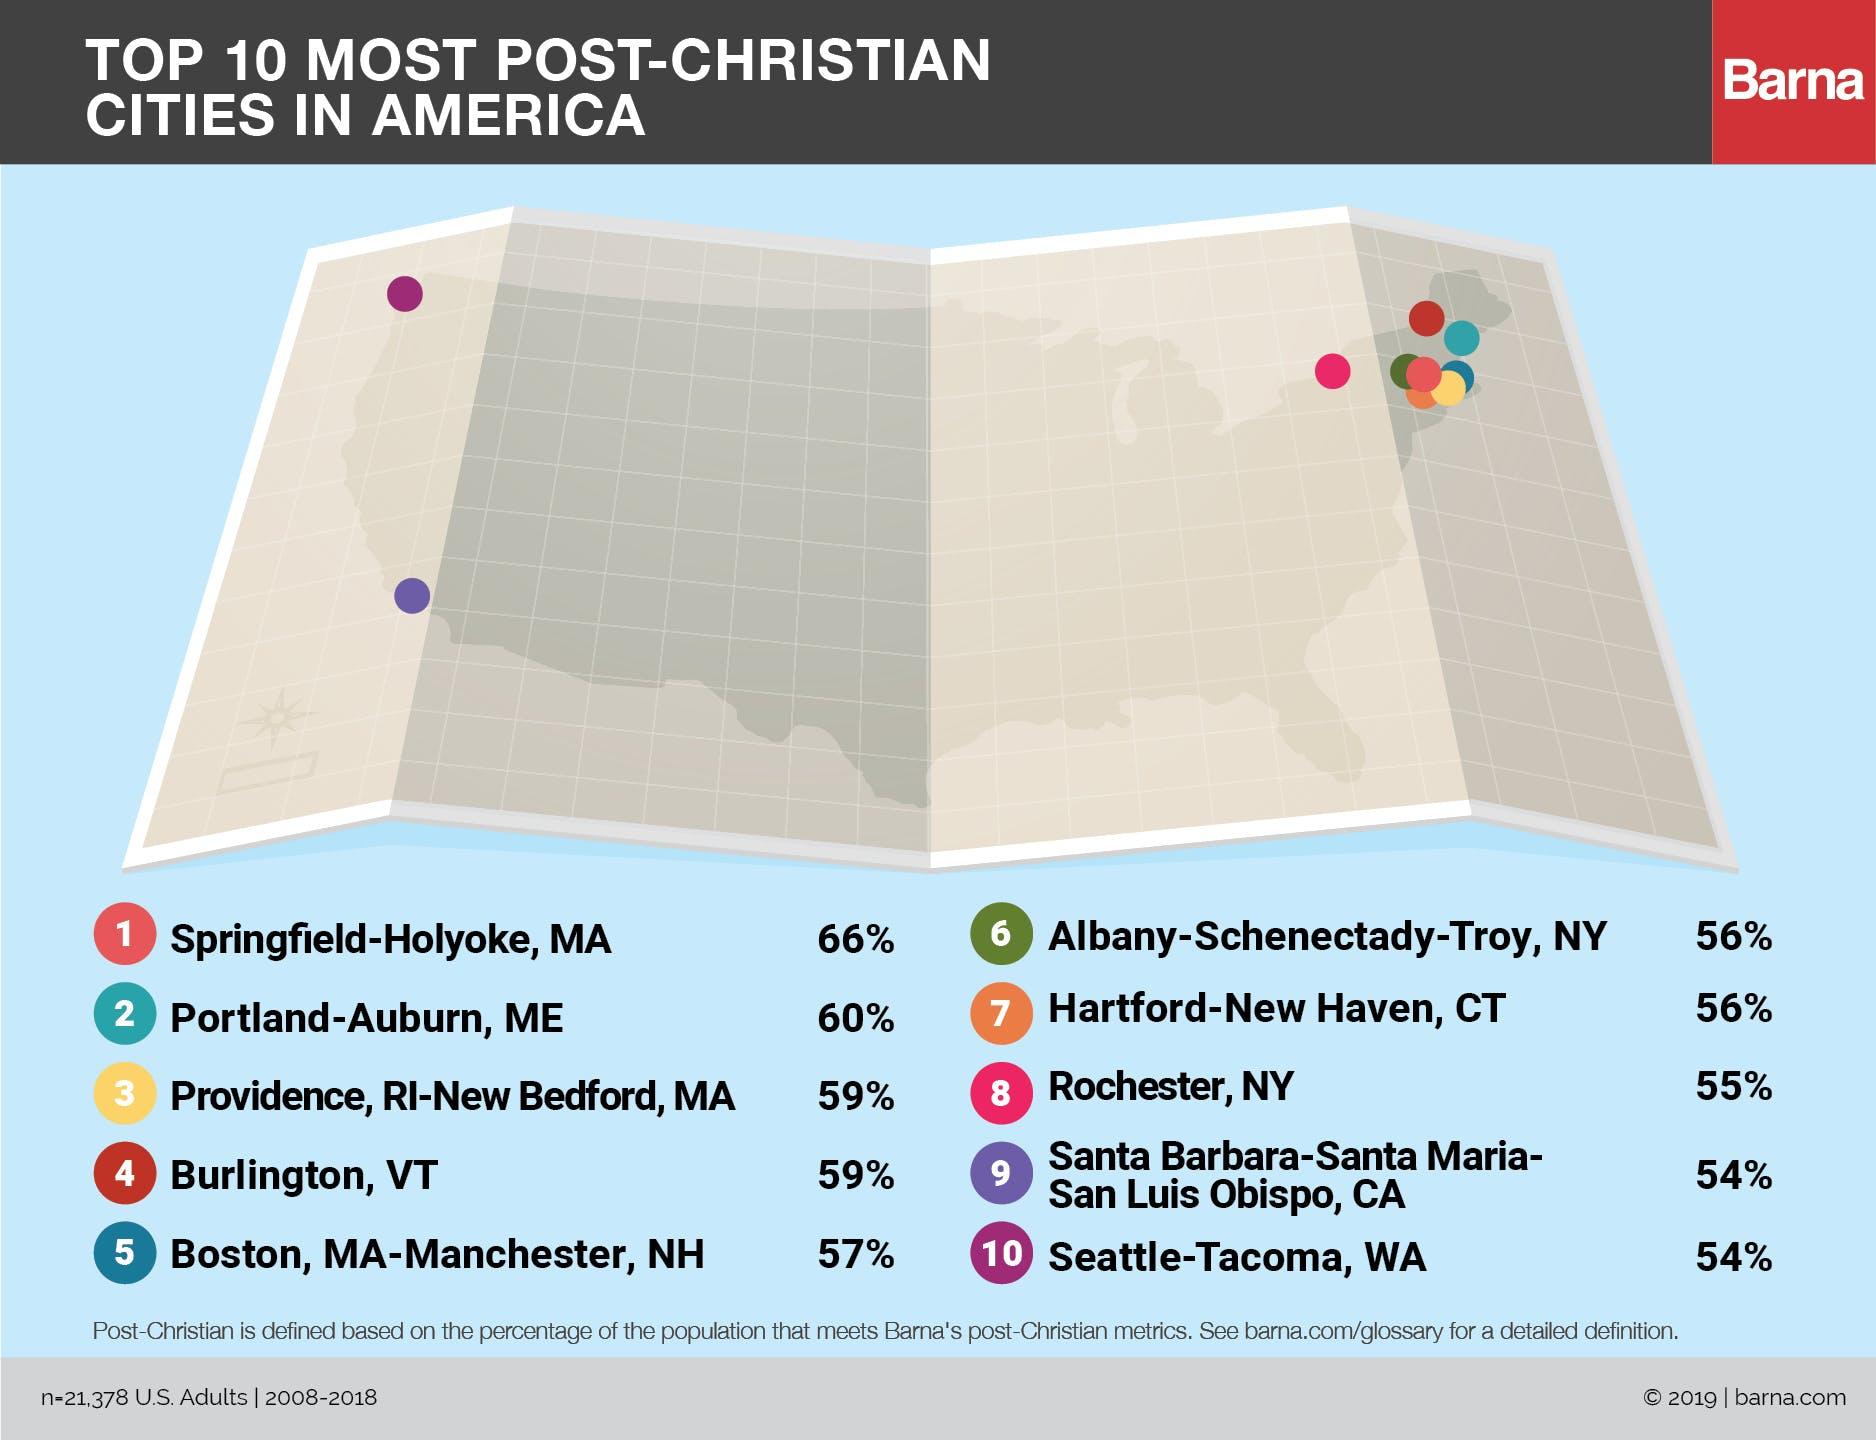 Las ciudades más post-cristianas en América: 2019